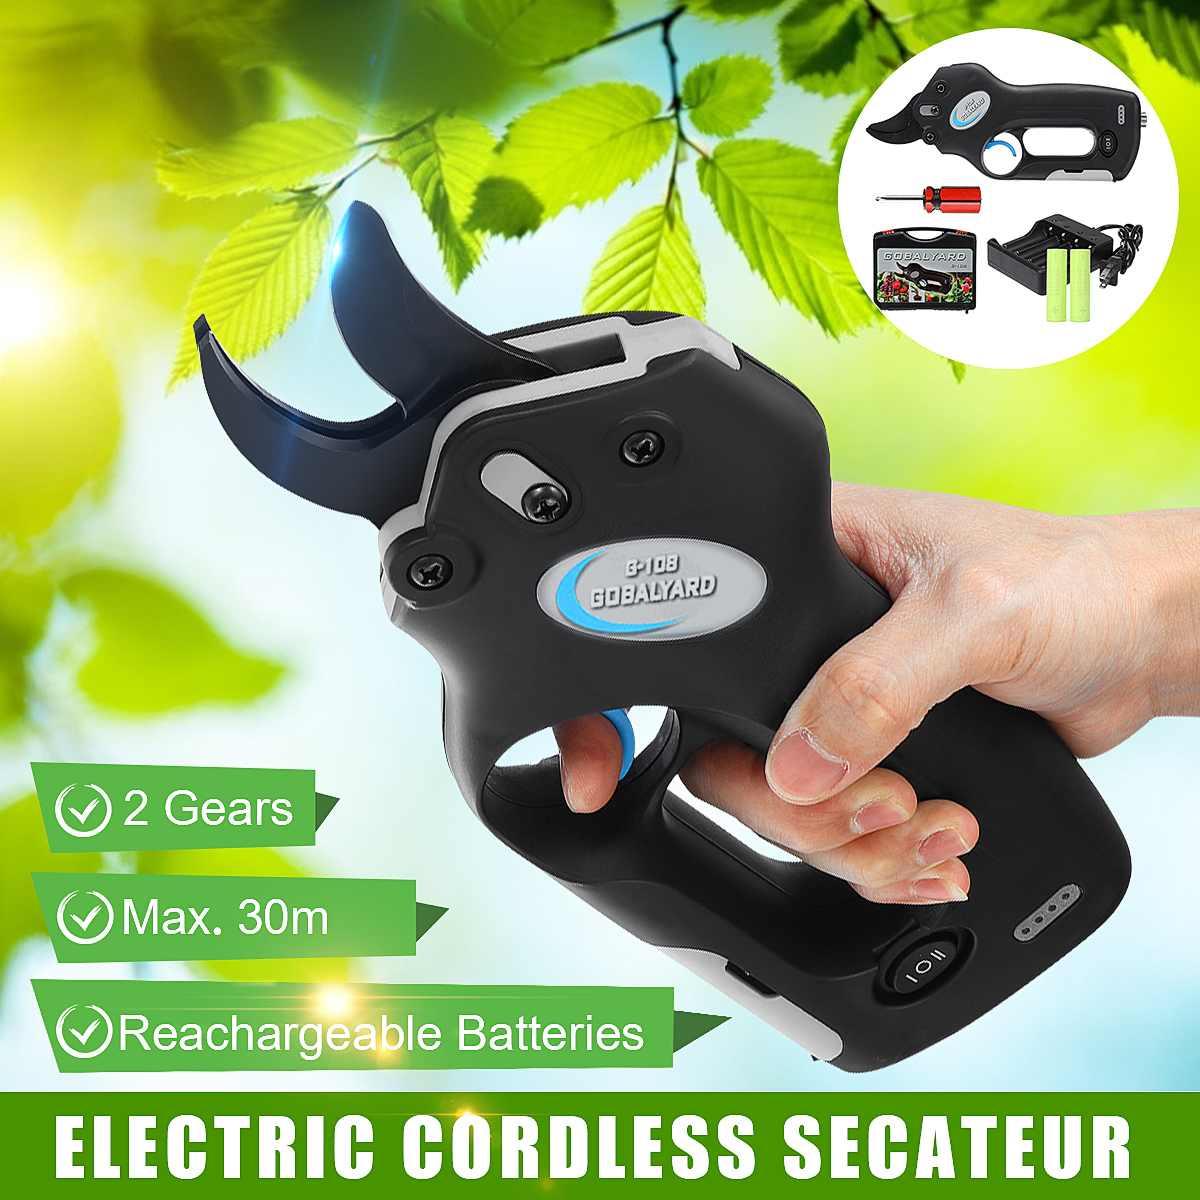 Беспроводной электрический резак для веток аккумуляторные секаторы секатор резак для веток Электрический инструмент для обрезки фруктов